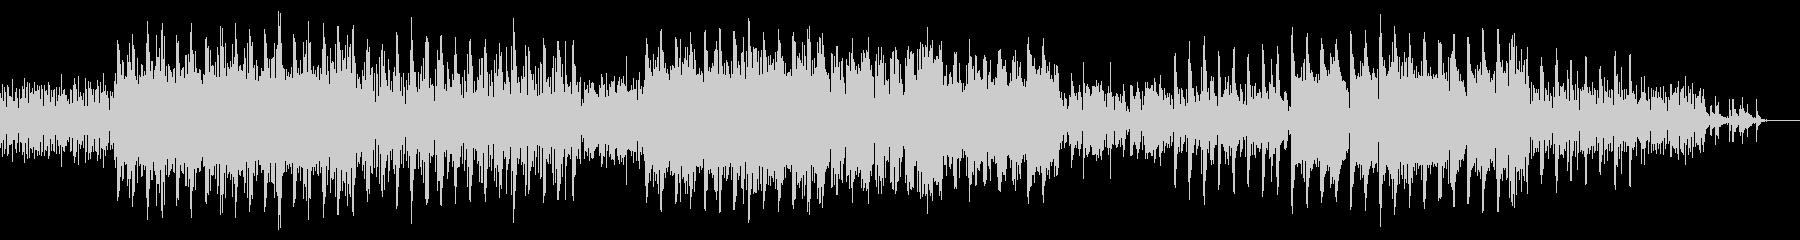 東洋的なエレクトロROCKの未再生の波形